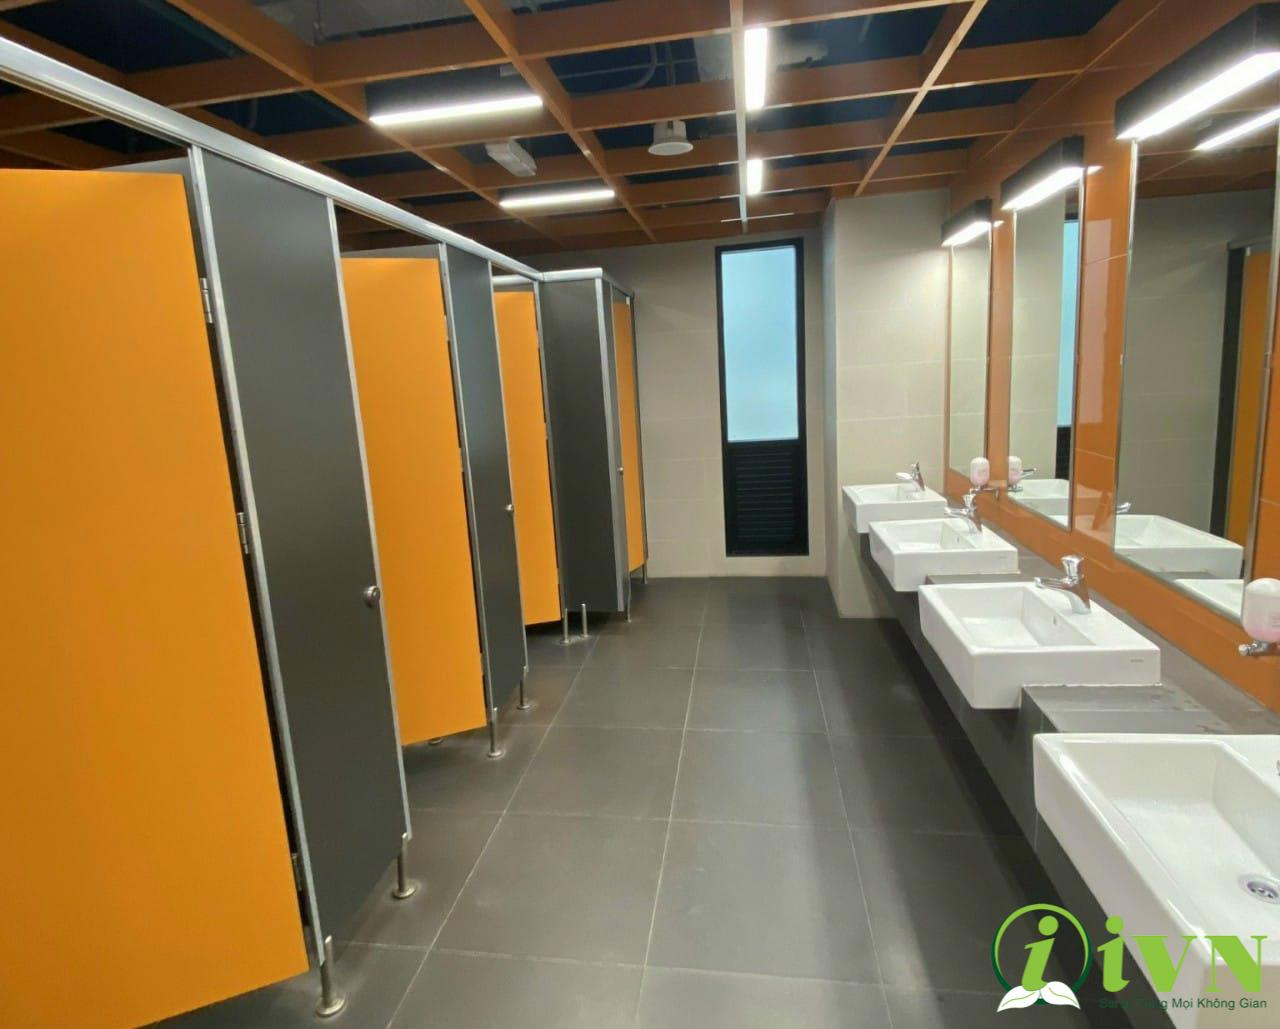 công trình vách ngăn vệ sinh trung tâm thương mại (4)